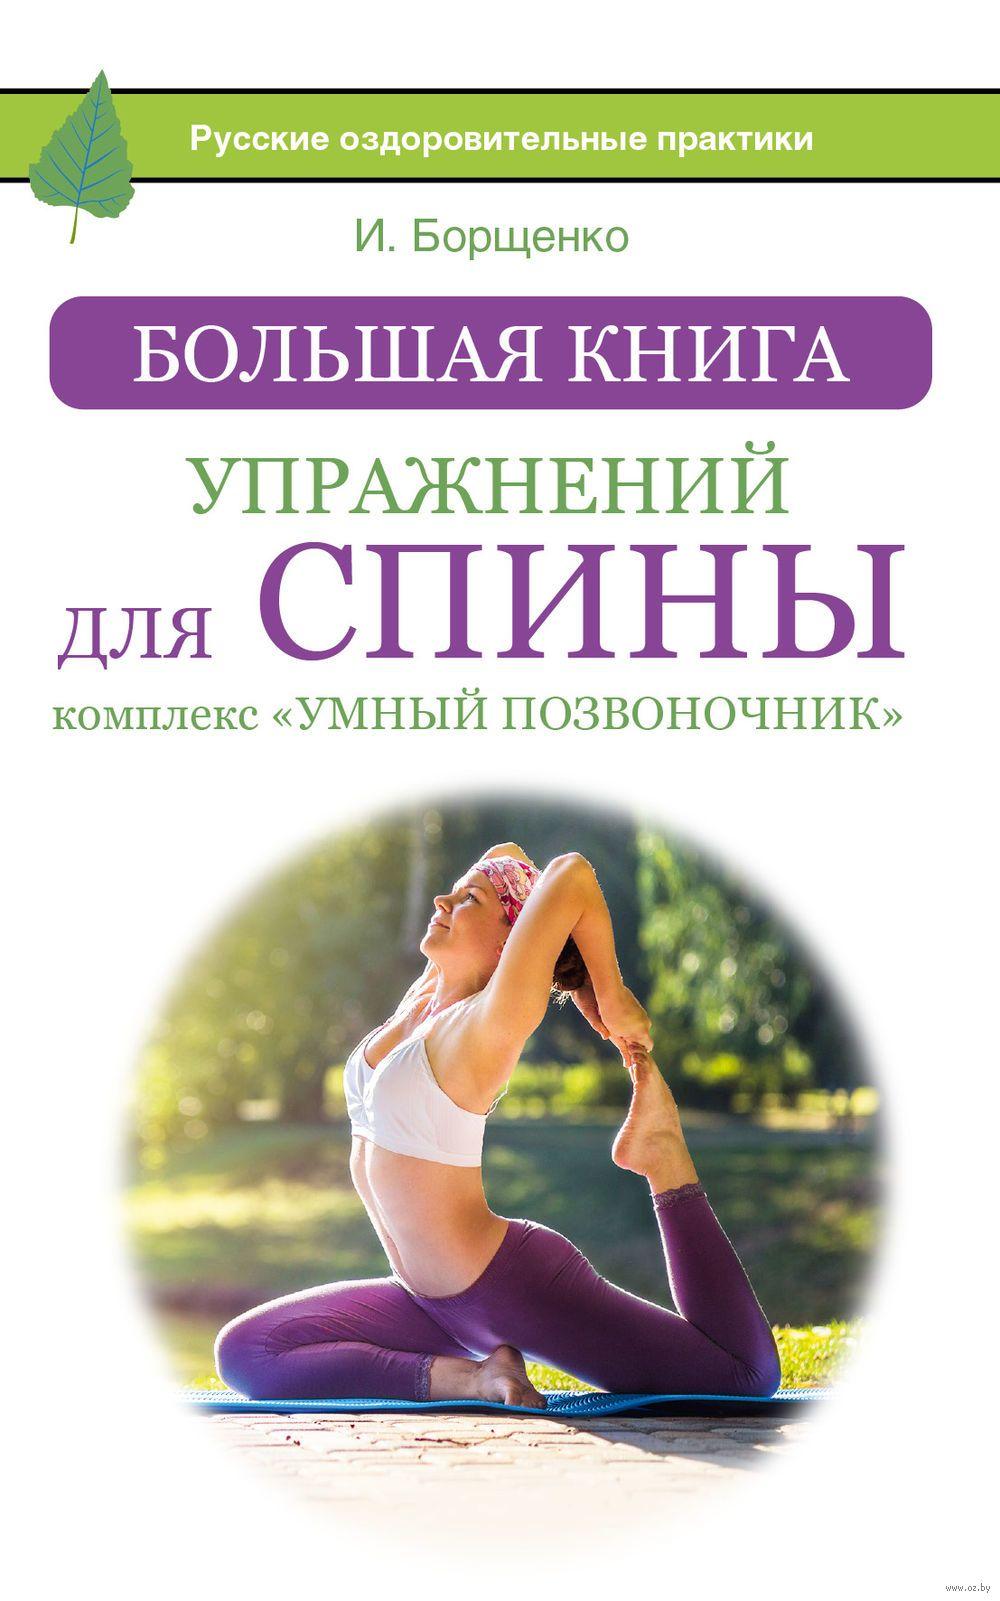 Борщенко умный позвоночник упражнения для спины